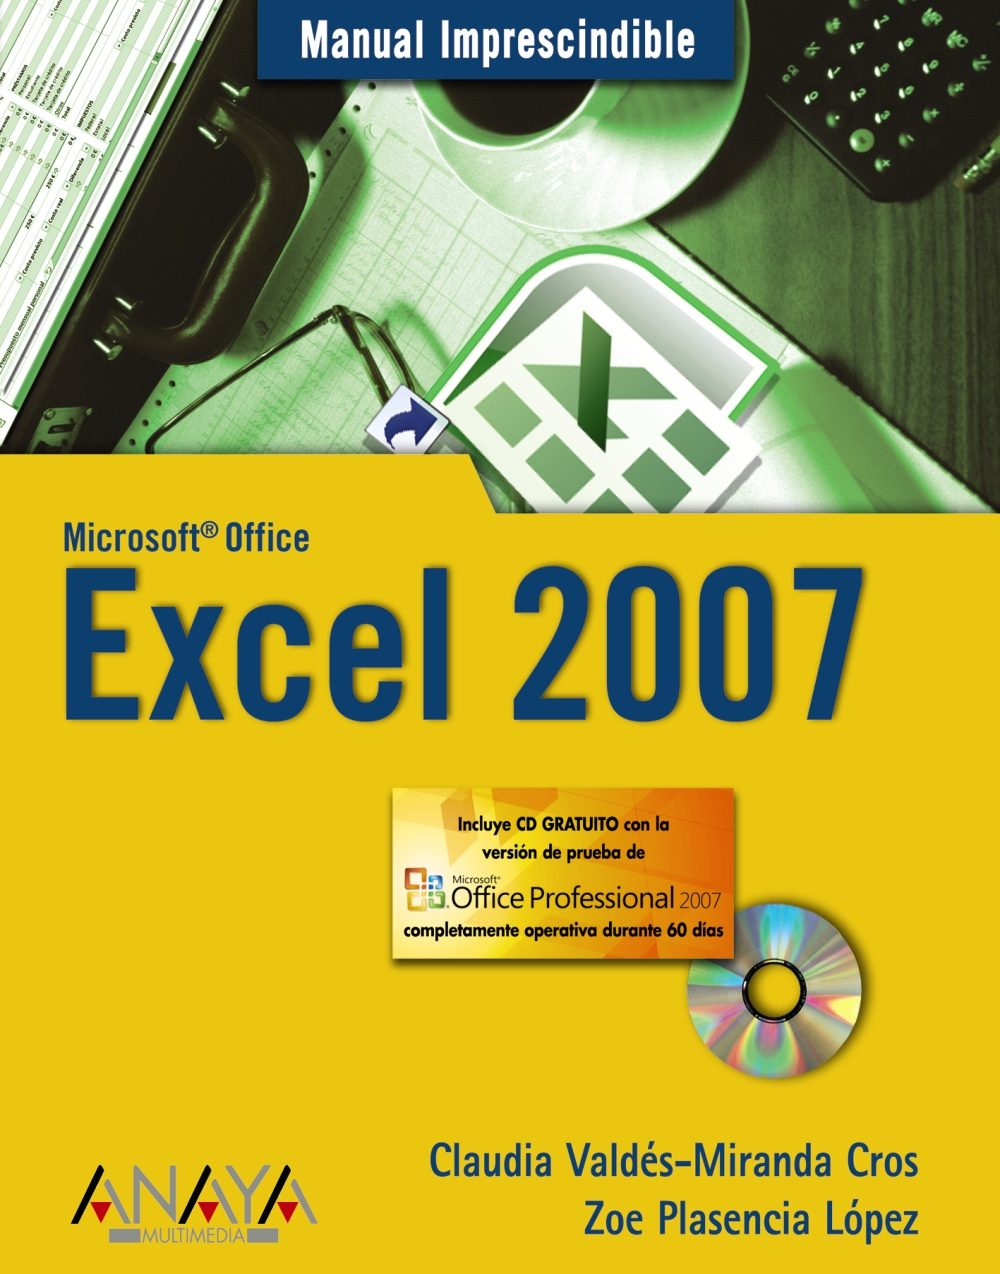 excel 2007 manual imprescindible incluye cd rom claudia valdes rh casadellibro com manual microsoft office excel 2007 pdf microsoft office excel 2007 manual de utilizare